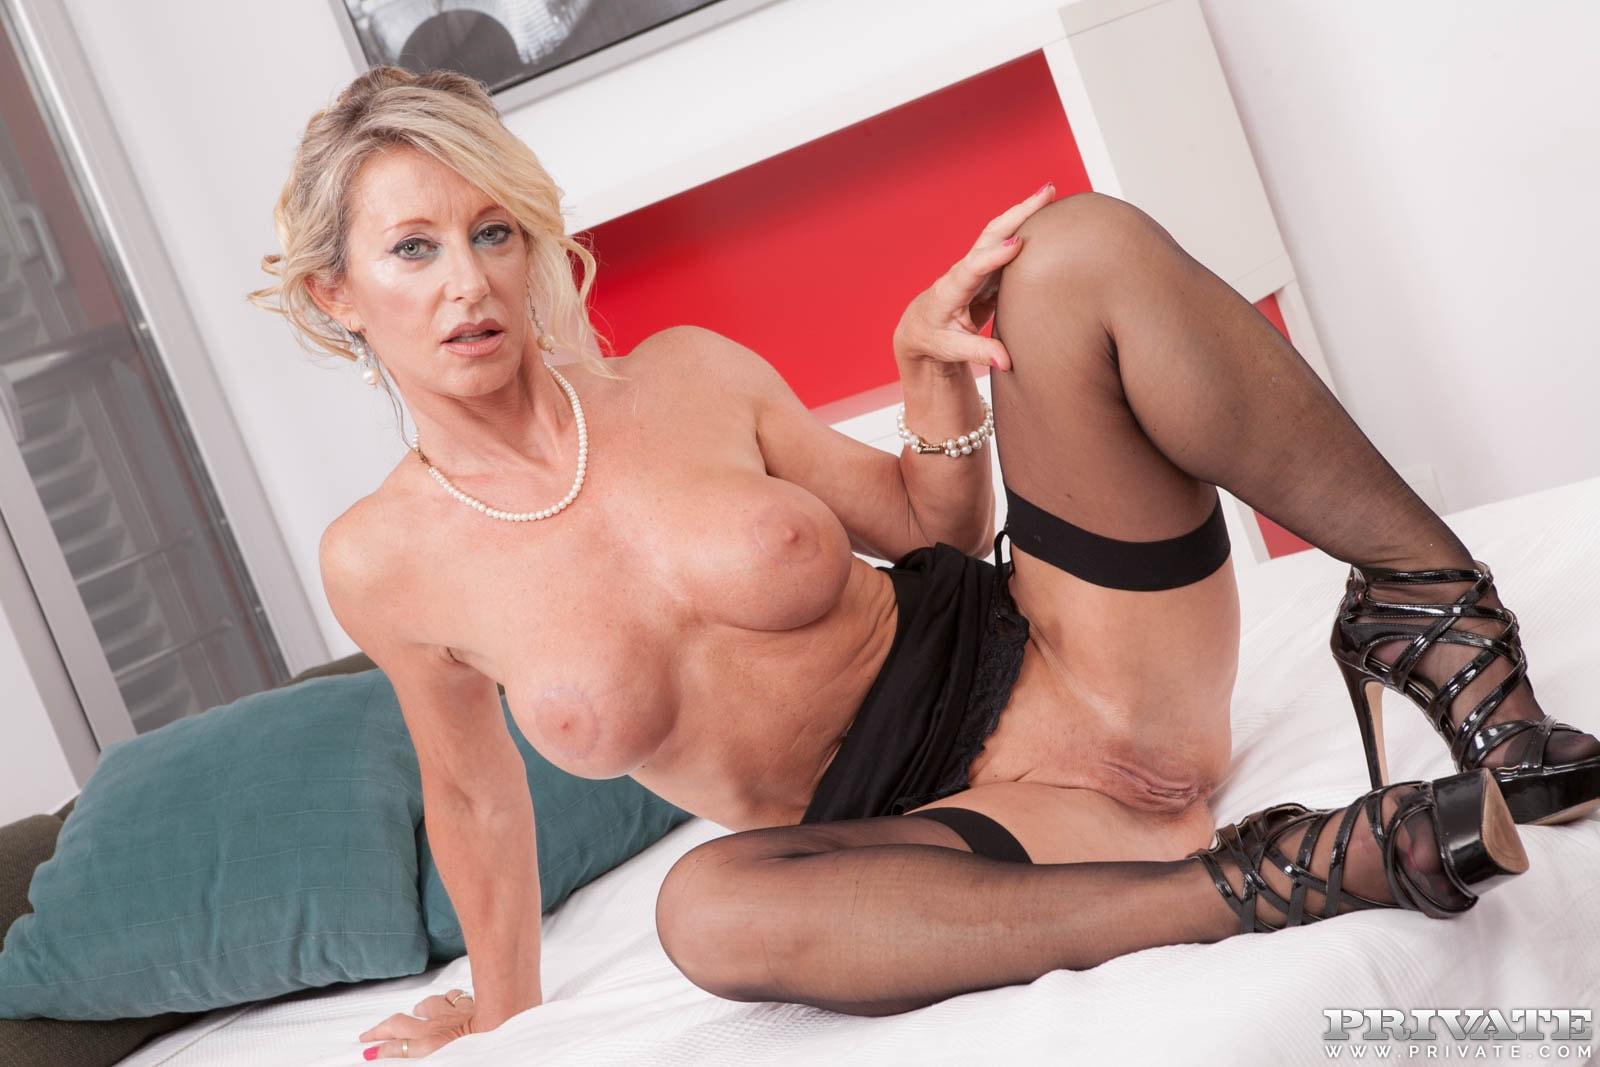 Сорокалетние порно актрисы, Порнозвёзды - видео и фото с самых красивых порно 4 фотография